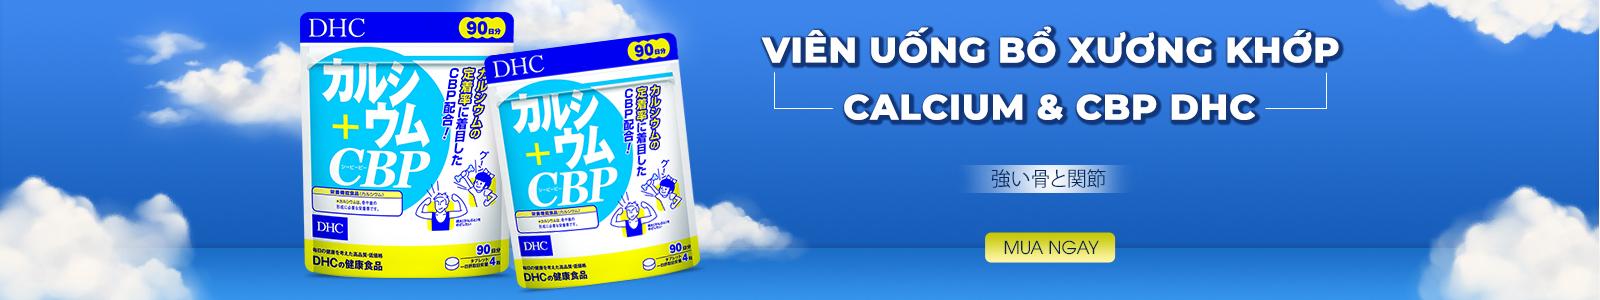 Viên uống bổ xương khớp Calcium & CBP DHC 360 viên